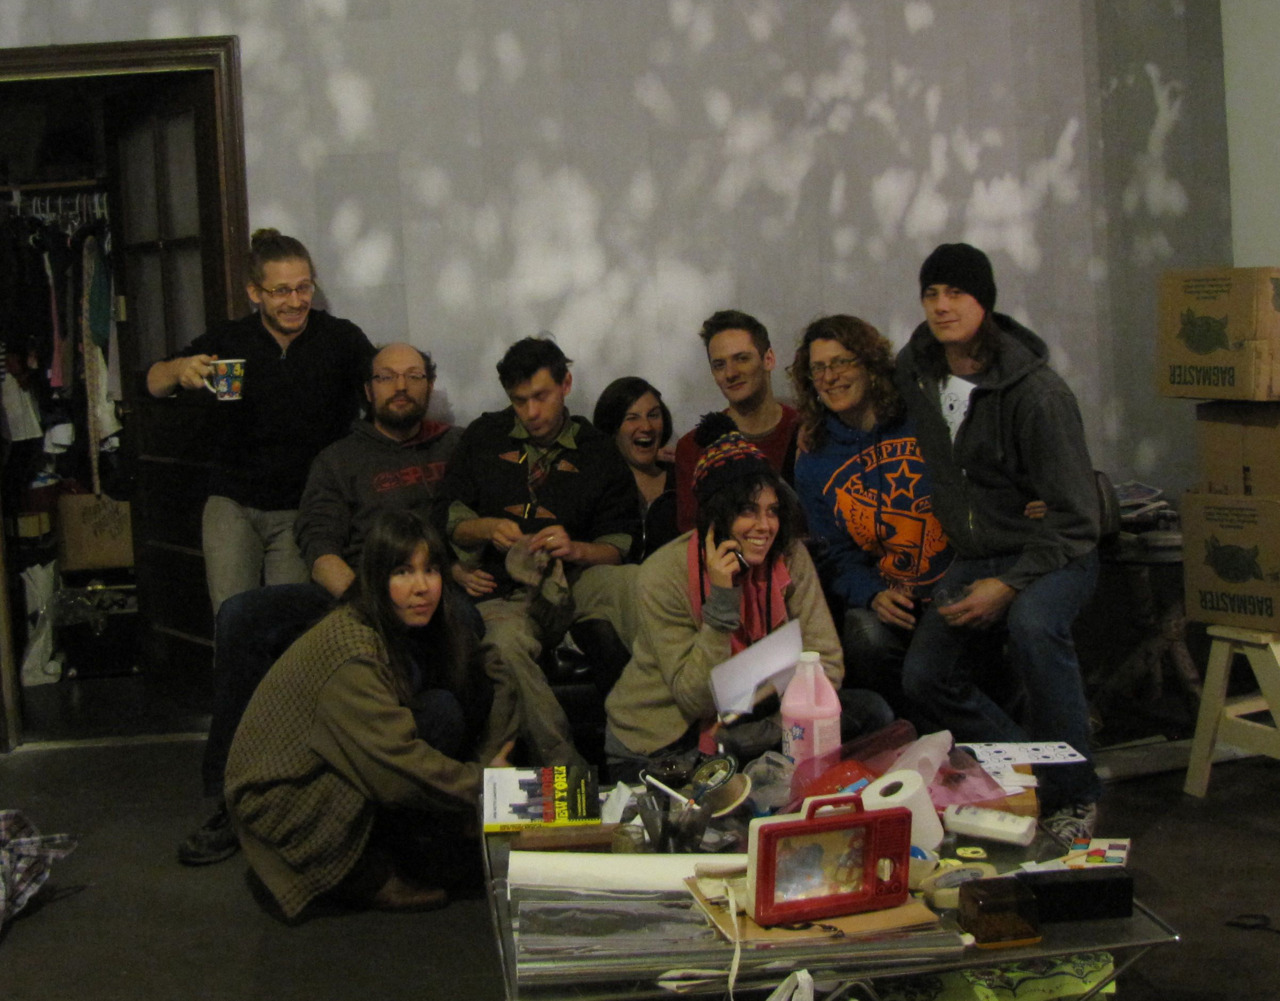 Flux Factory. 12/06/10